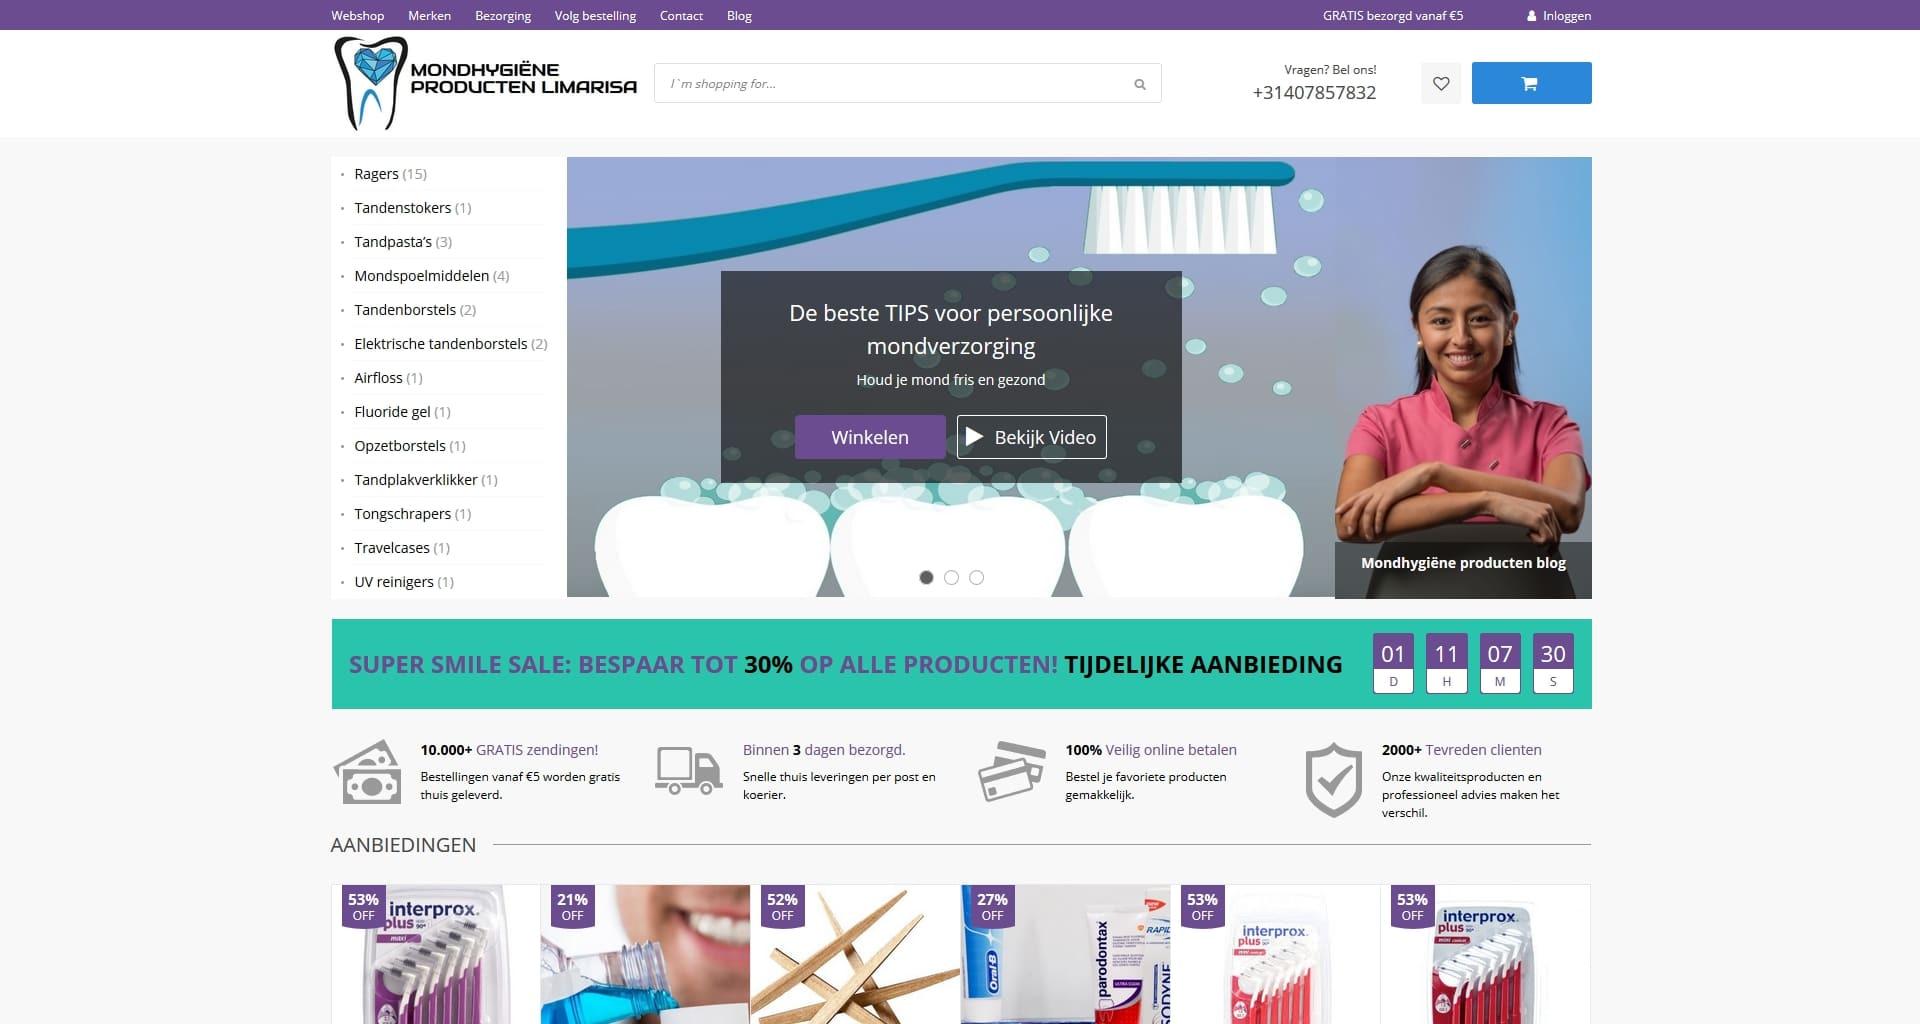 WooCommerce webshop portfolio